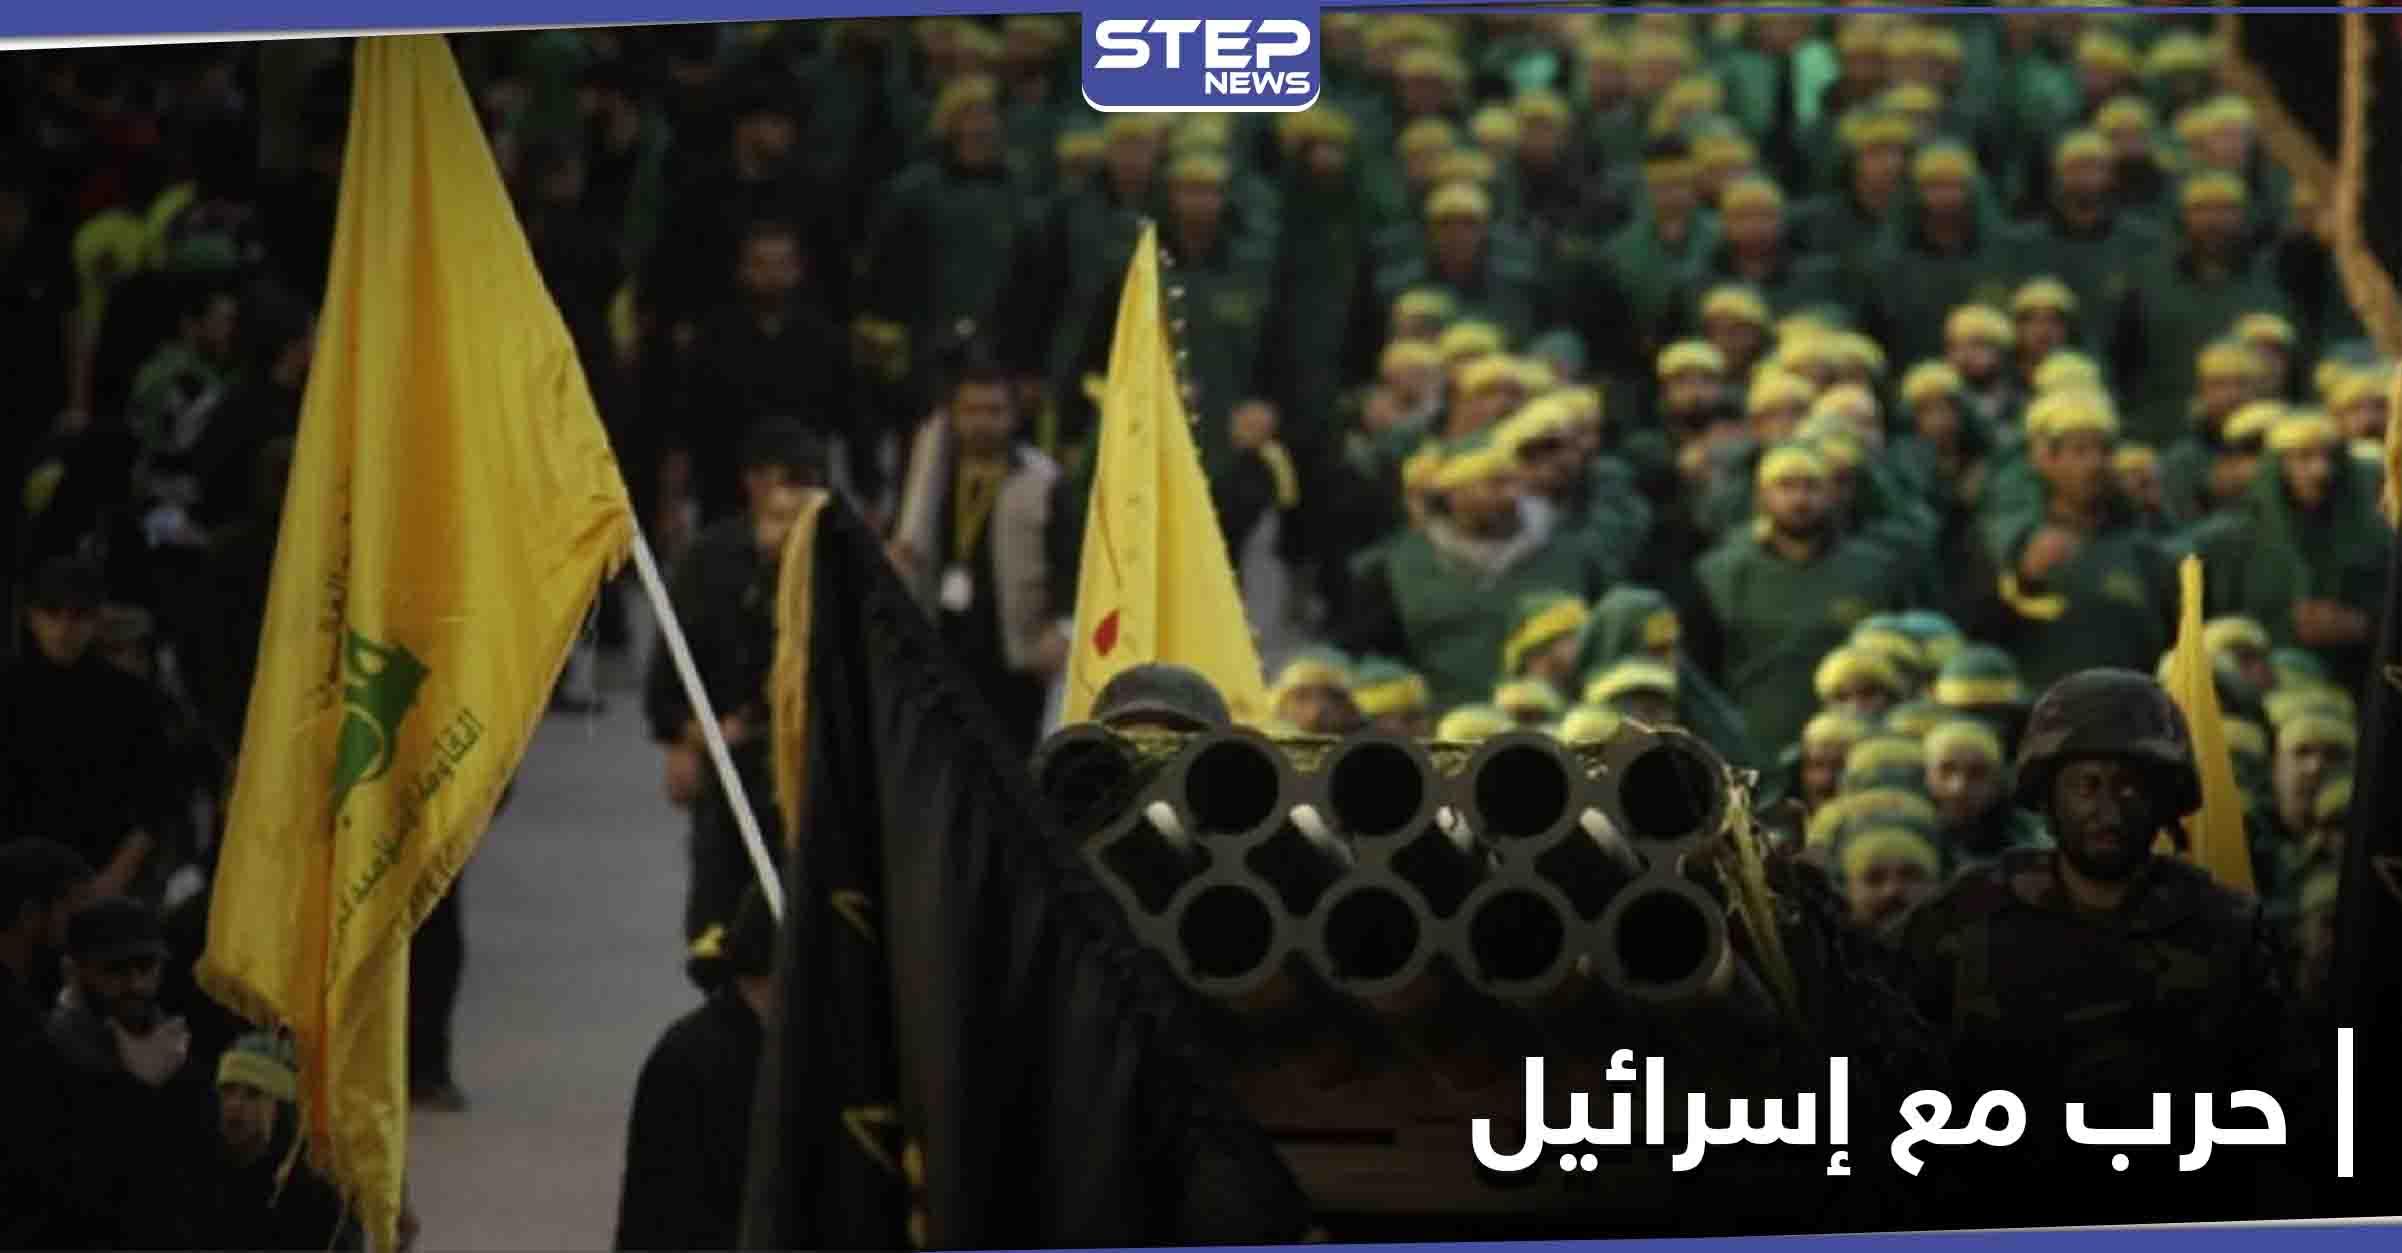 حزب الله يوصل ليله بالنهار في آخر أيام ترامب خوفاً من حرب مع إسرائيل